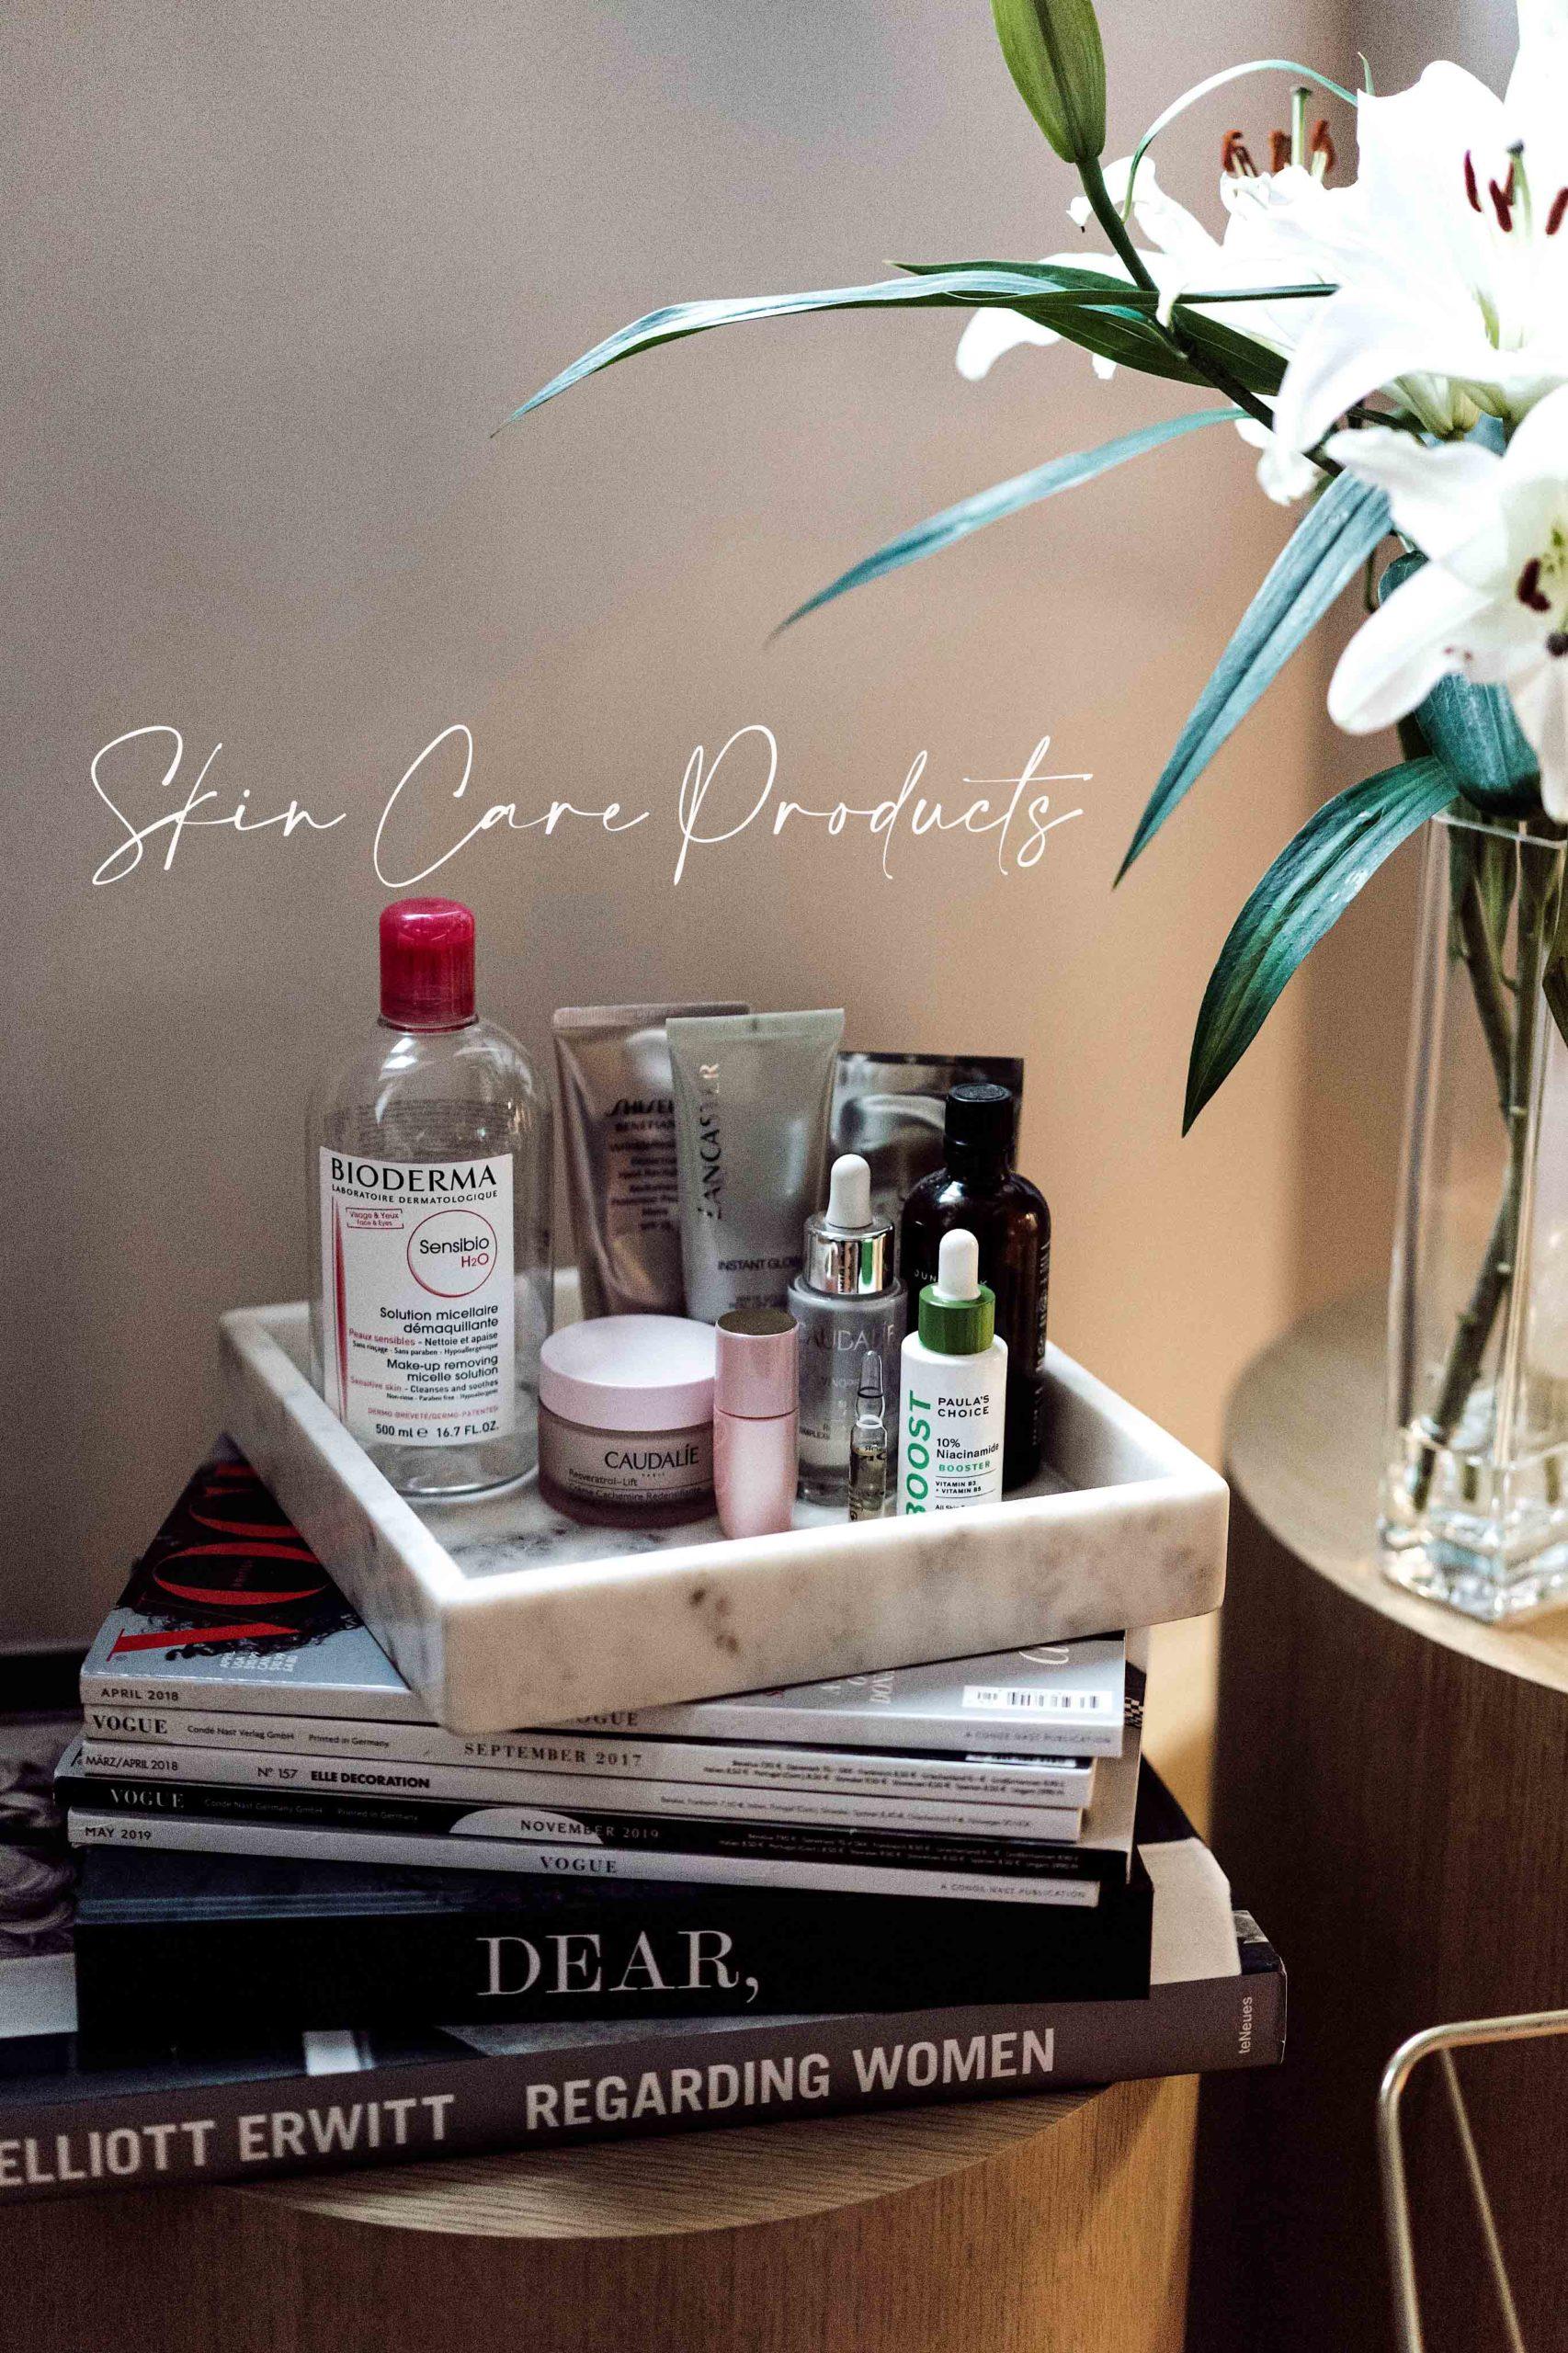 My best Skin care products 2020 - diese Beautyprodukte werden nachgekauft